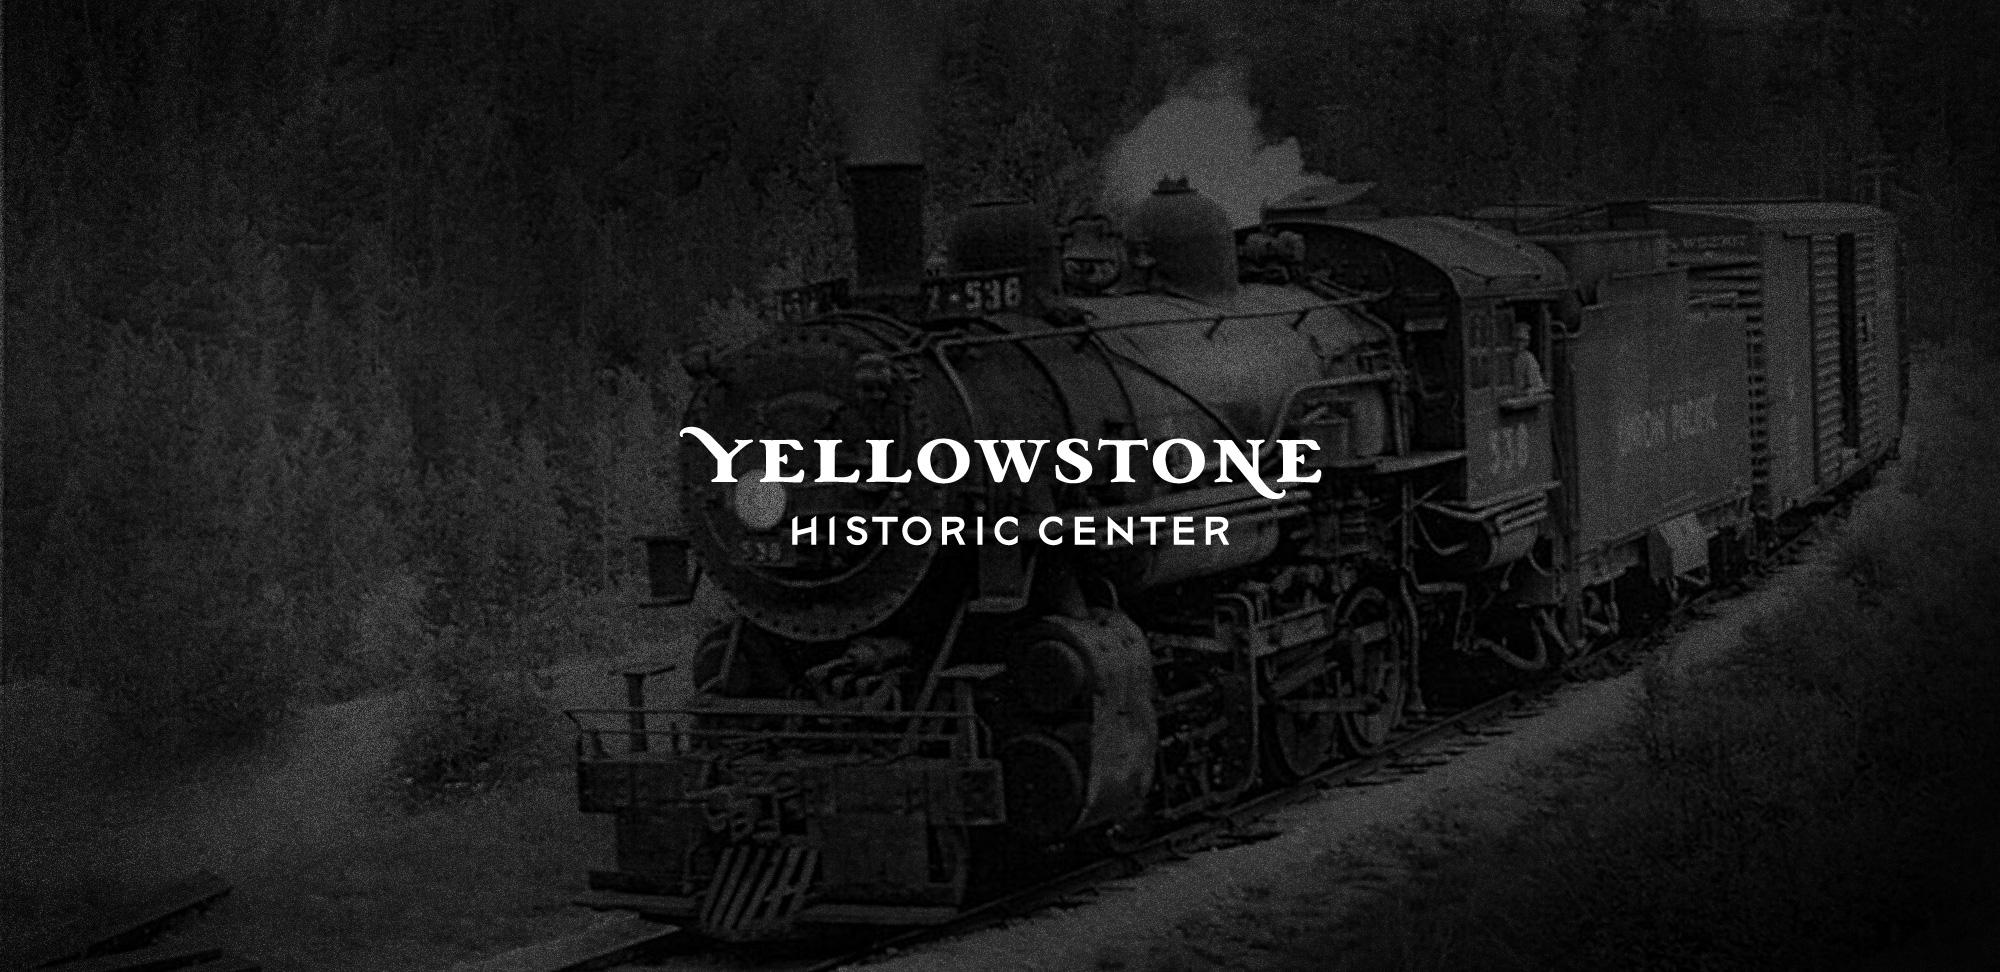 Yellowstone-HC_logo